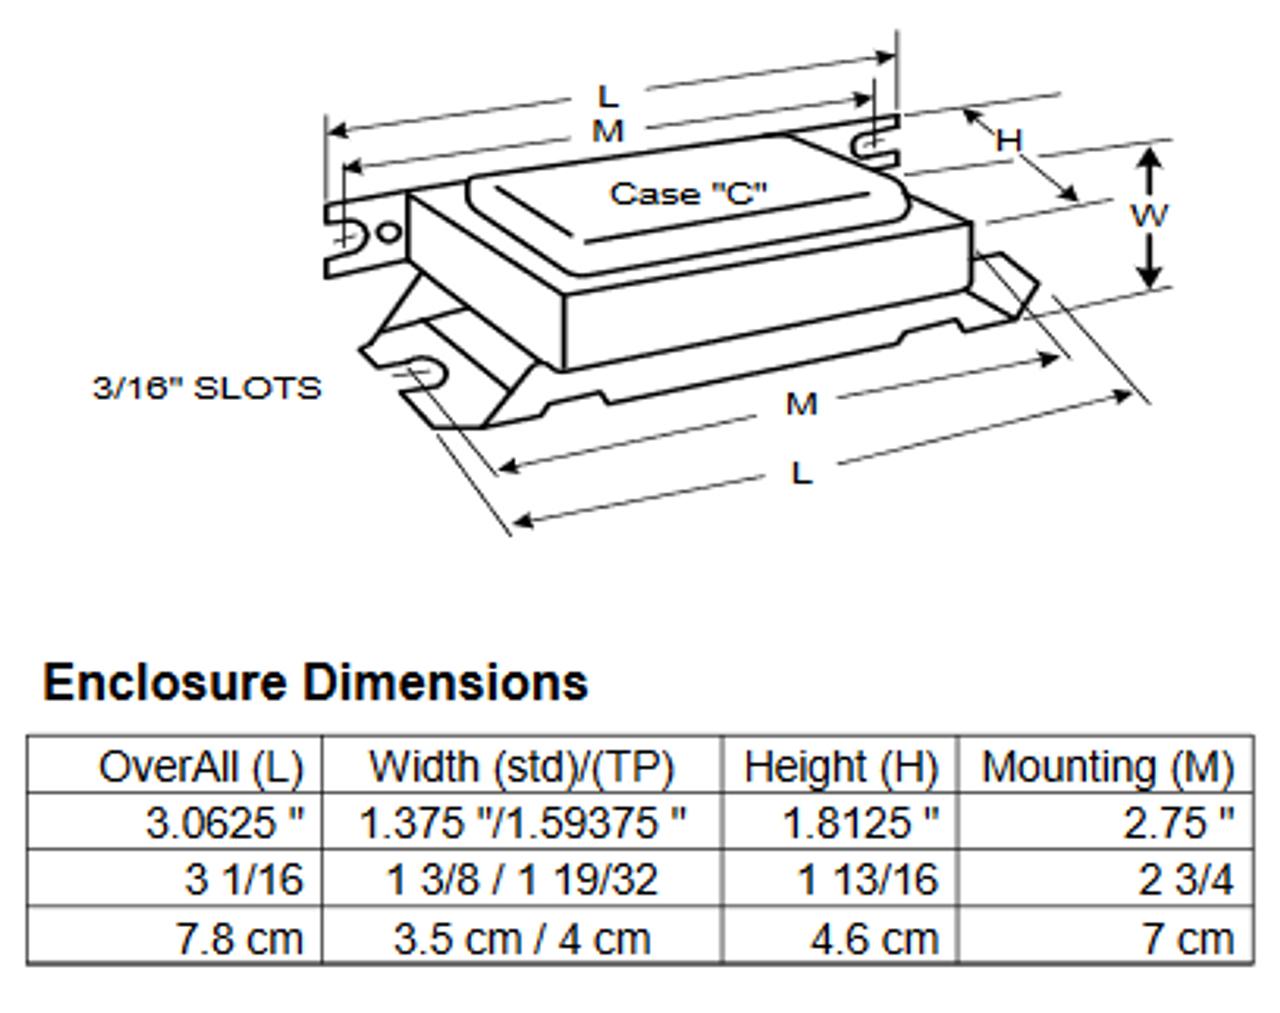 lc-14-20-c advance dimensions